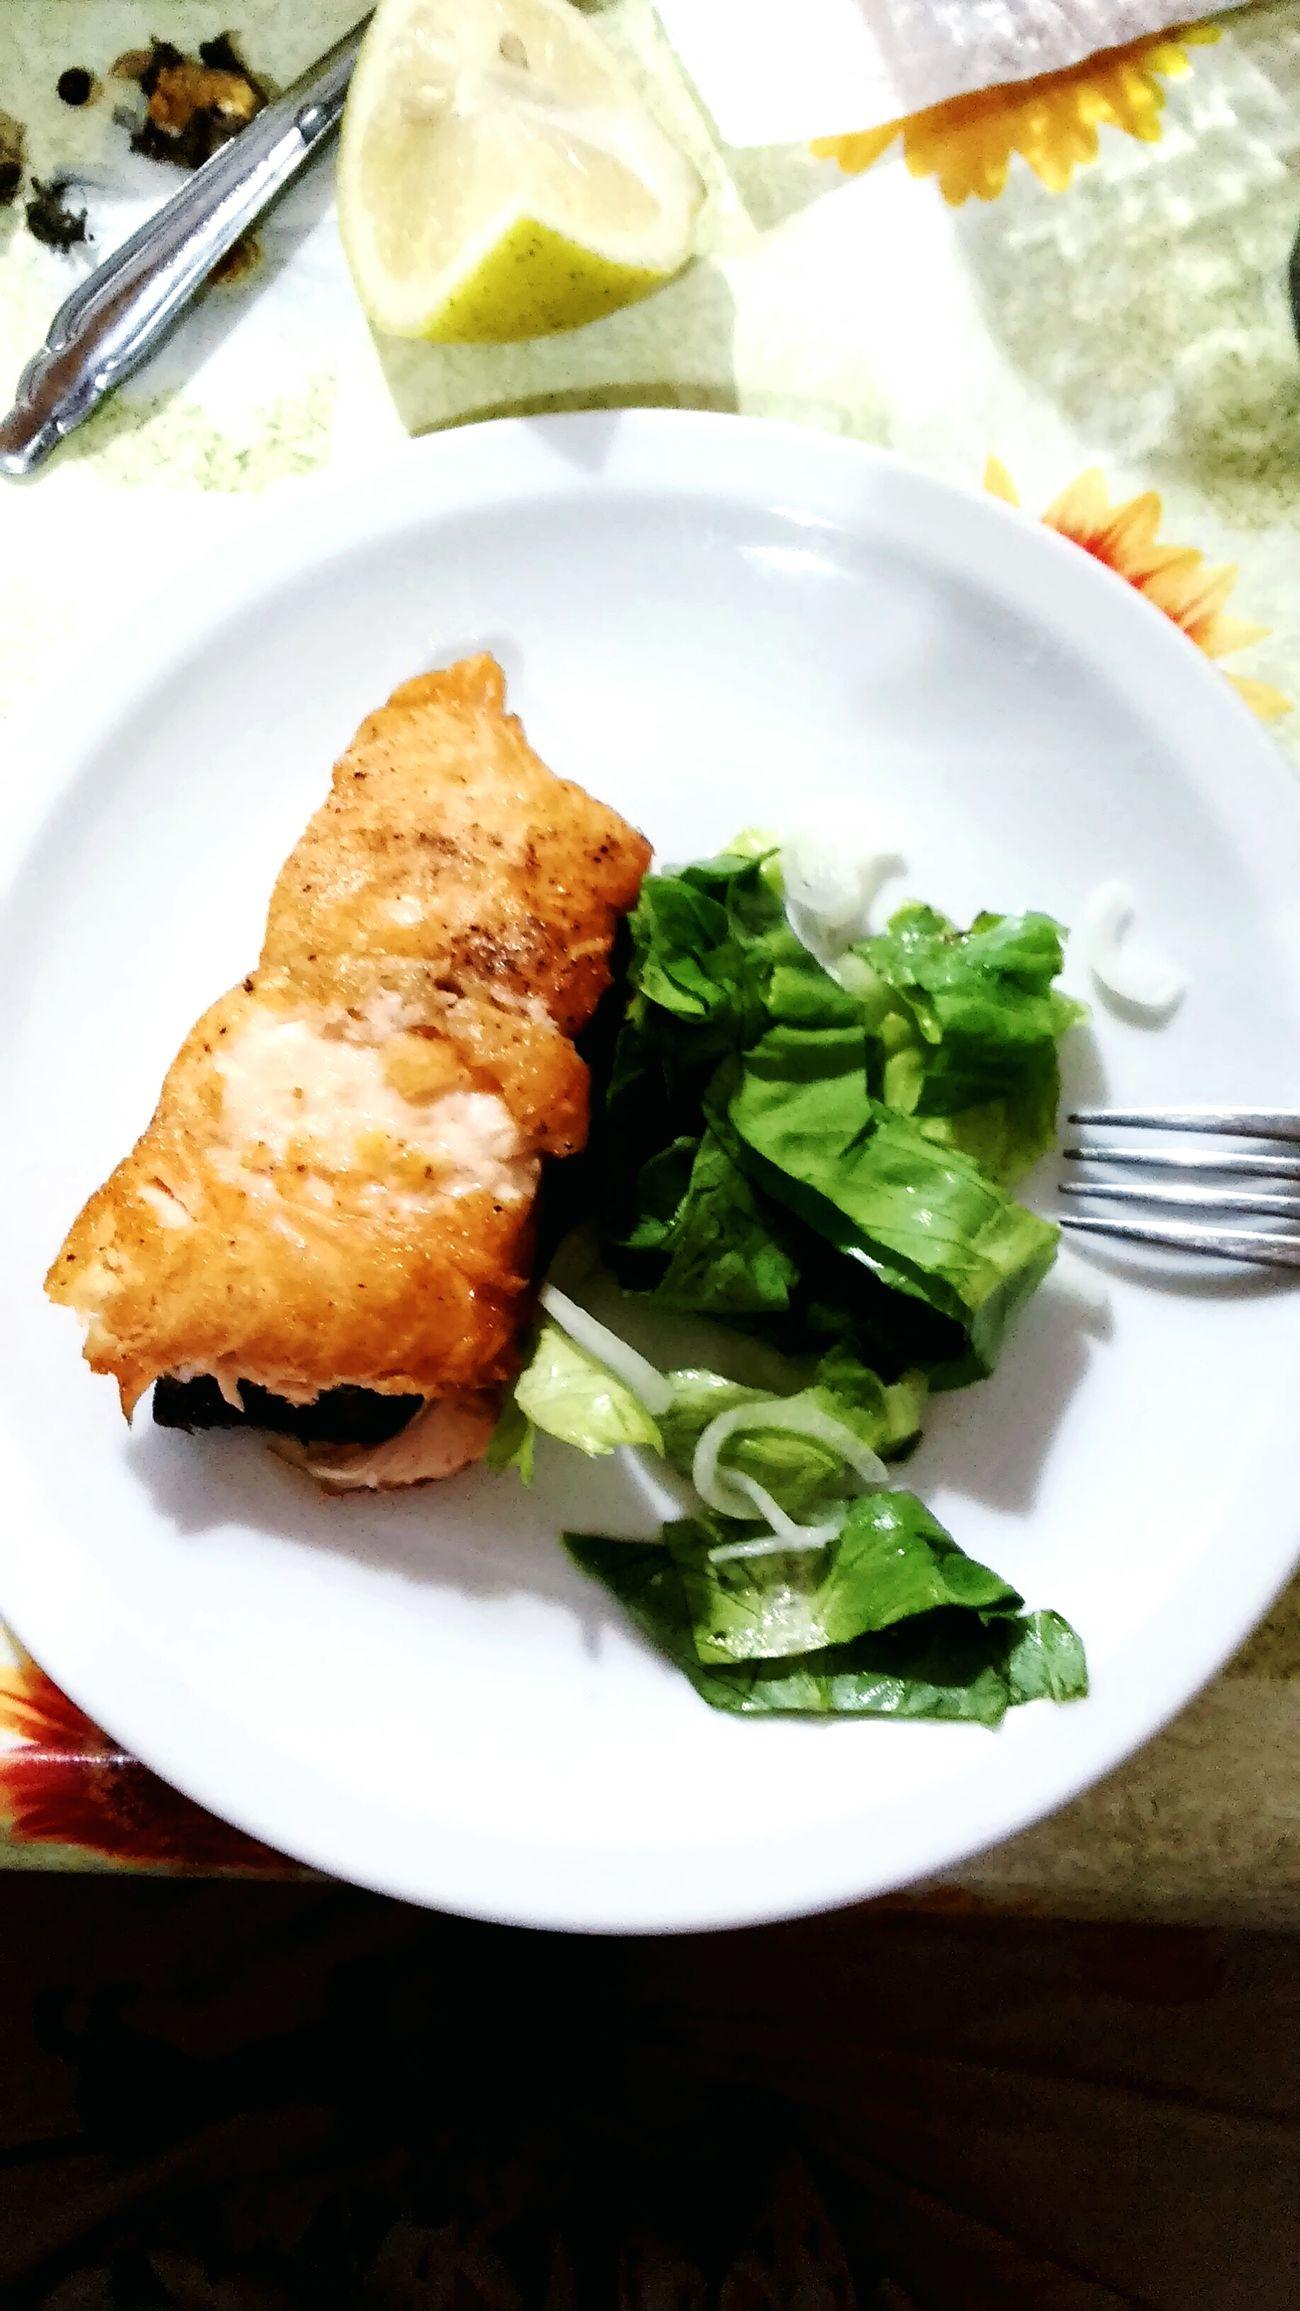 Cenar Acenar Pescado Salmon Grill SalmonLove Ensalada Lechuga Argentina Photography Argentina 👑🎉🎊👌😚😍 Buenosaires